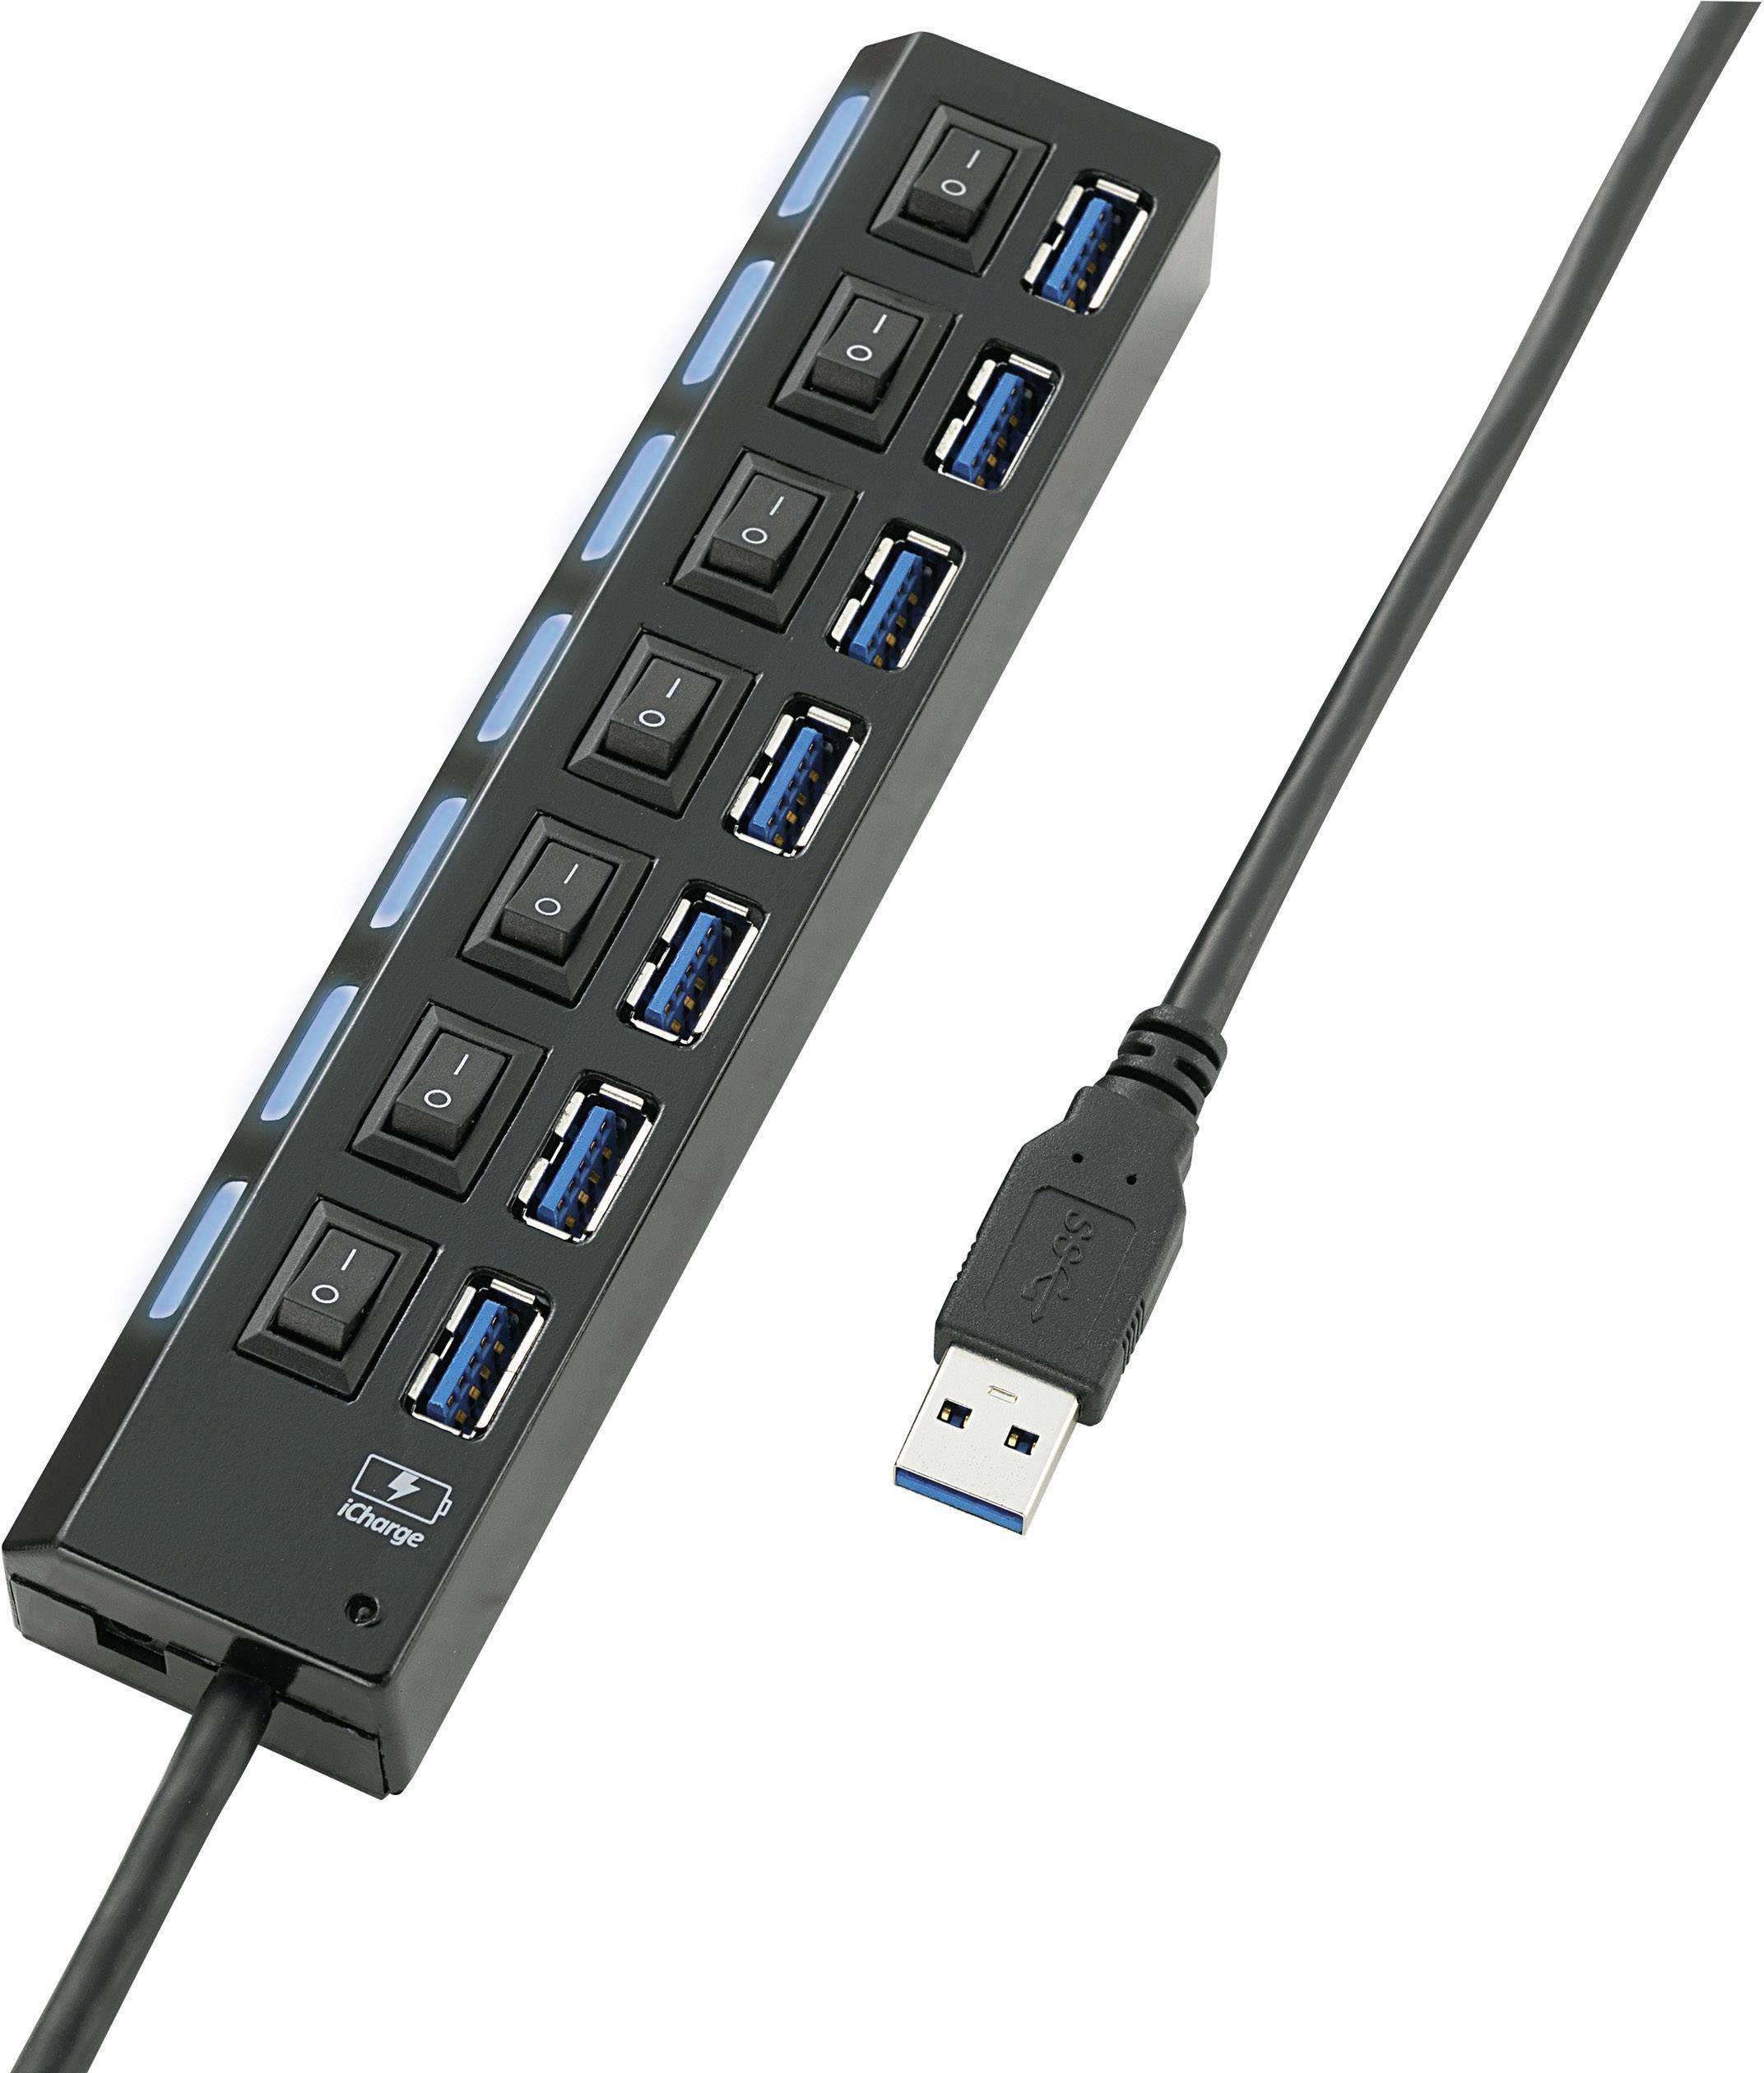 USB 3.0 hub 7 portov, možné spínať jednotlivo, so stavovými LED, s nabíjacím portom pre iPad, 166 mm, čierna